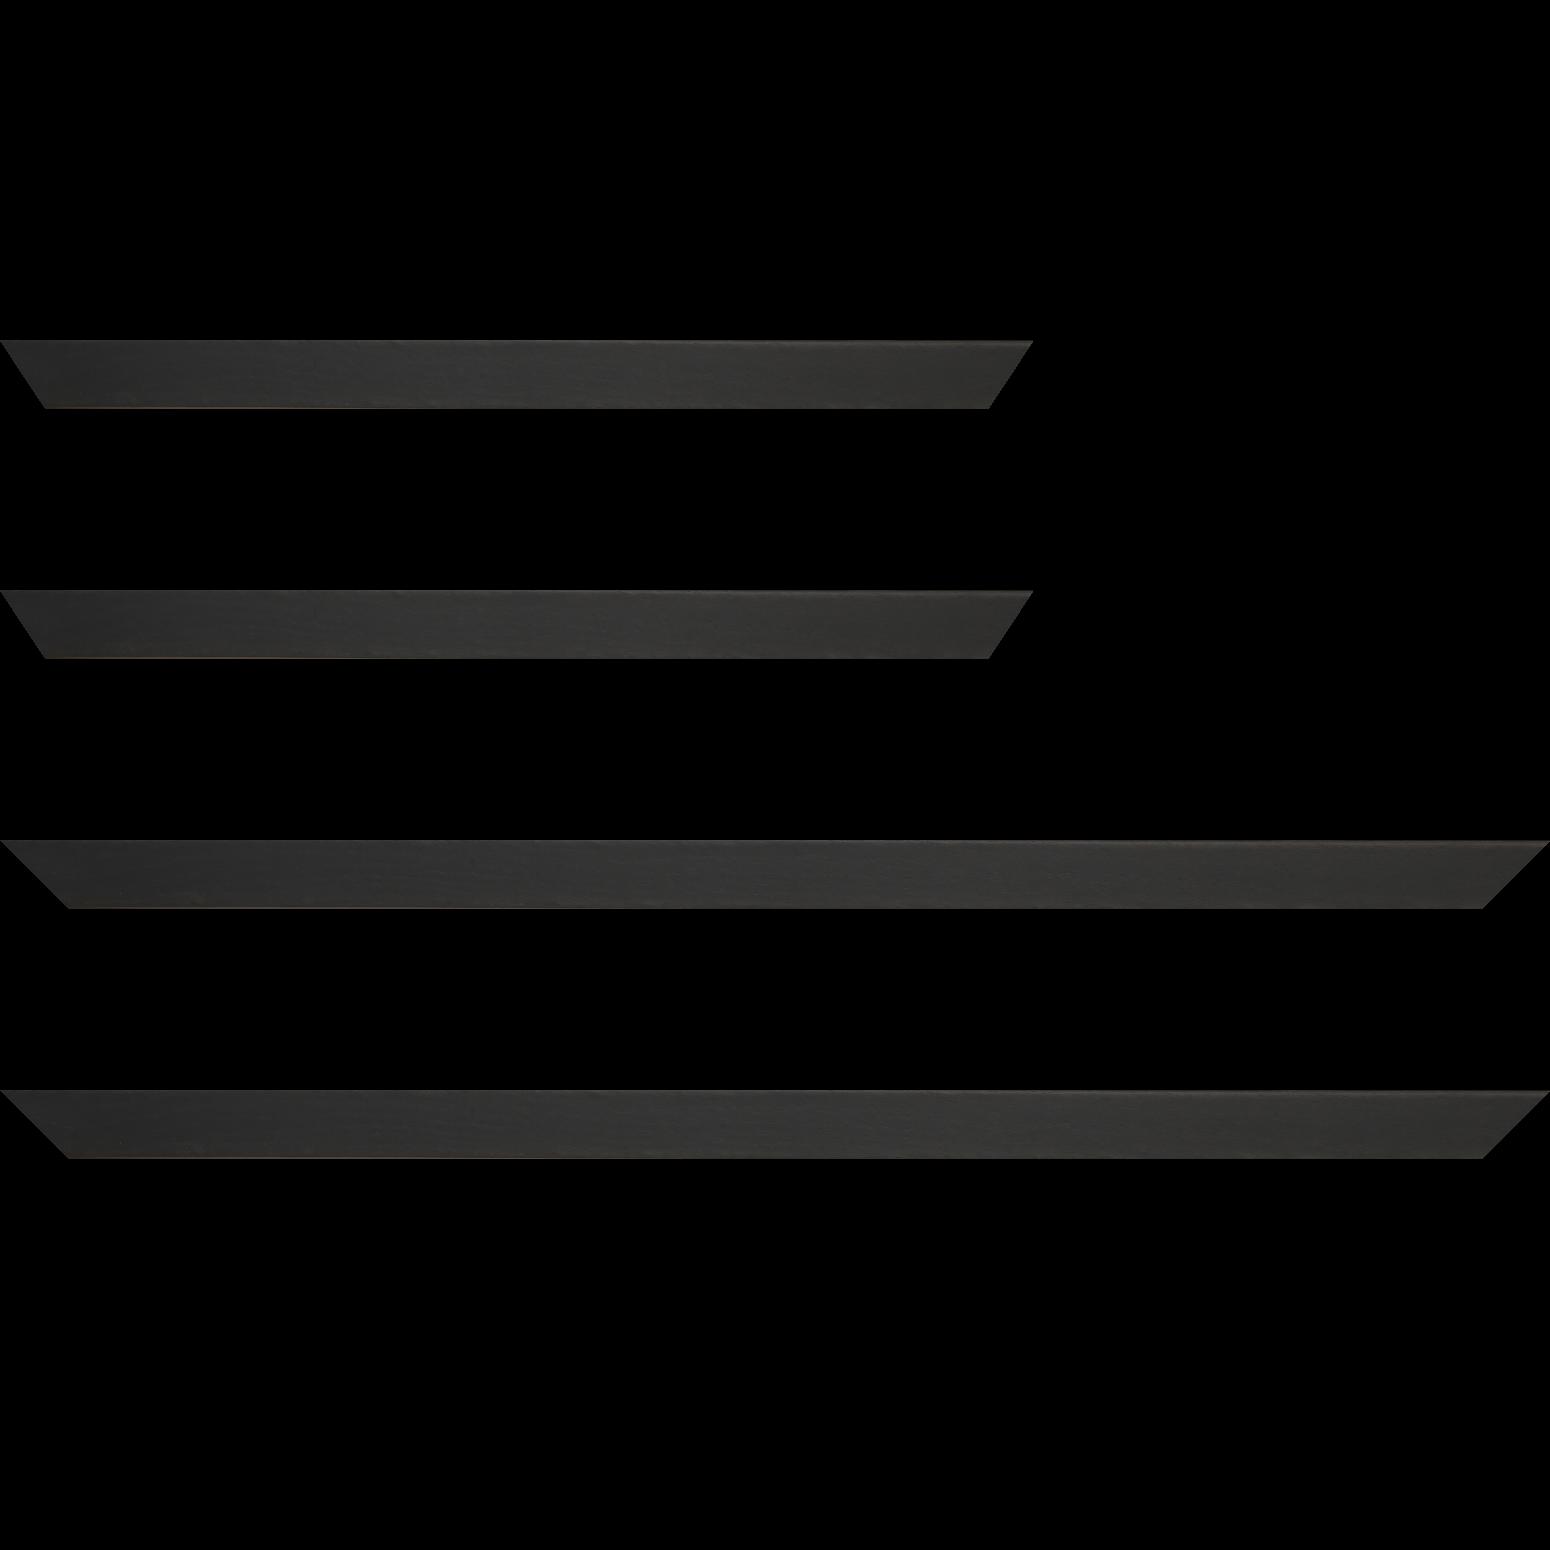 Baguette service précoupé Bois profil plat largeur 2.5cm plaquage haut de gamme chêne teinté noir